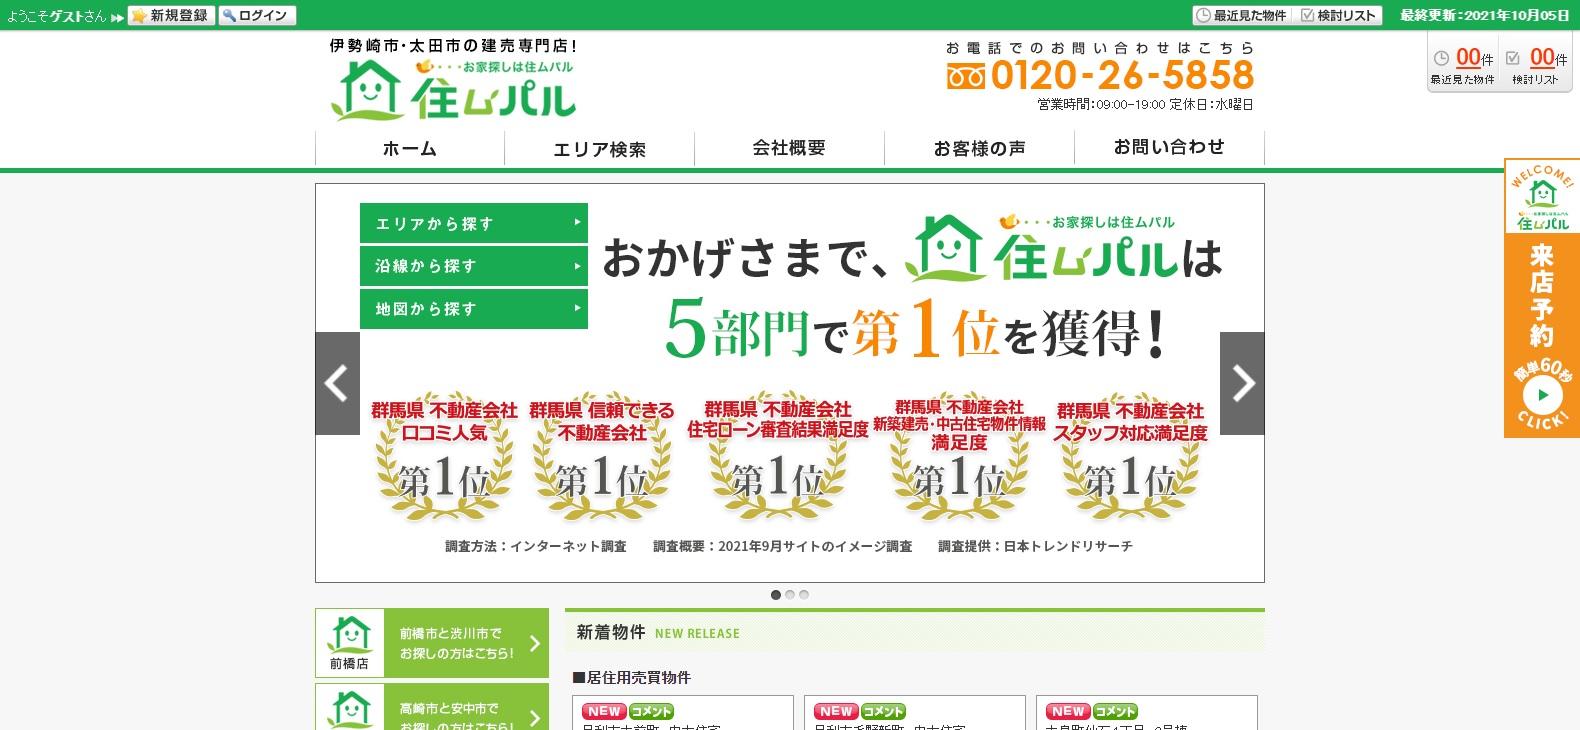 『住ムパル』が「群馬県 不動産会社 スタッフ対応満足度」など5項目で第1位を獲得!